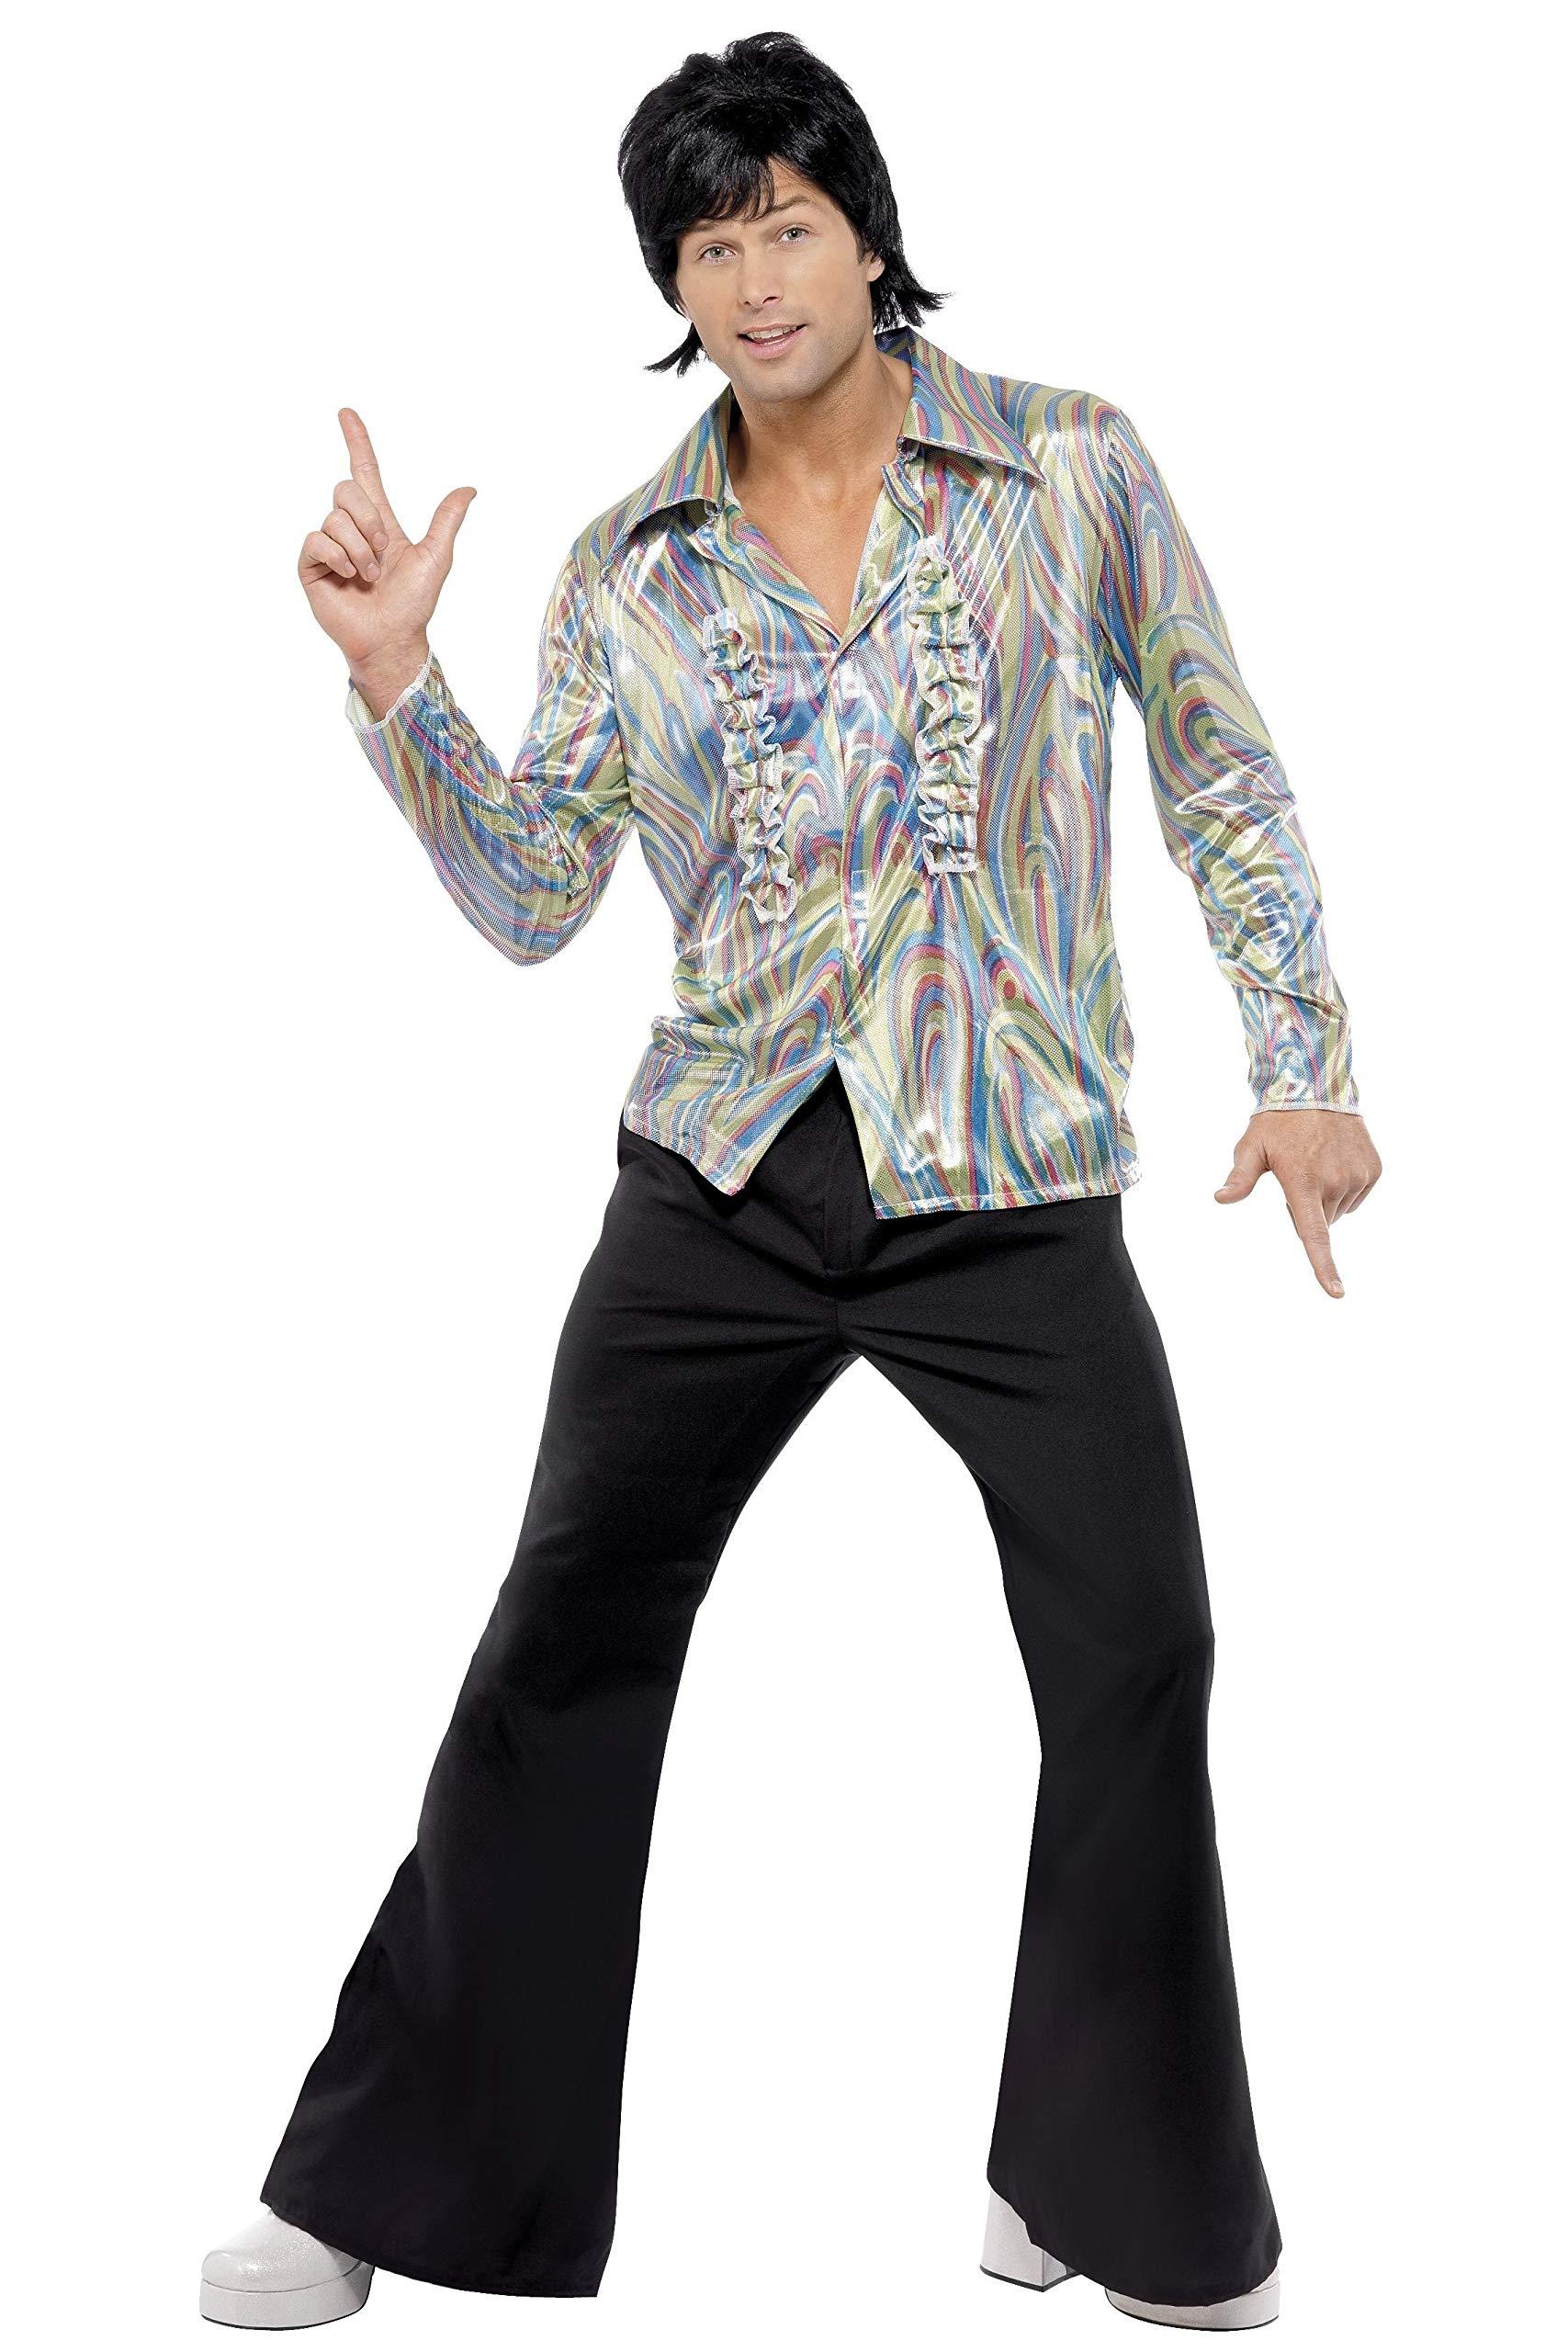 Smiffys-33841XL Disfraz Retro de los 70, con Estampado psicodélico, Camisa y Pantalones de Campana, Color Negro, XL - Tamaño 46